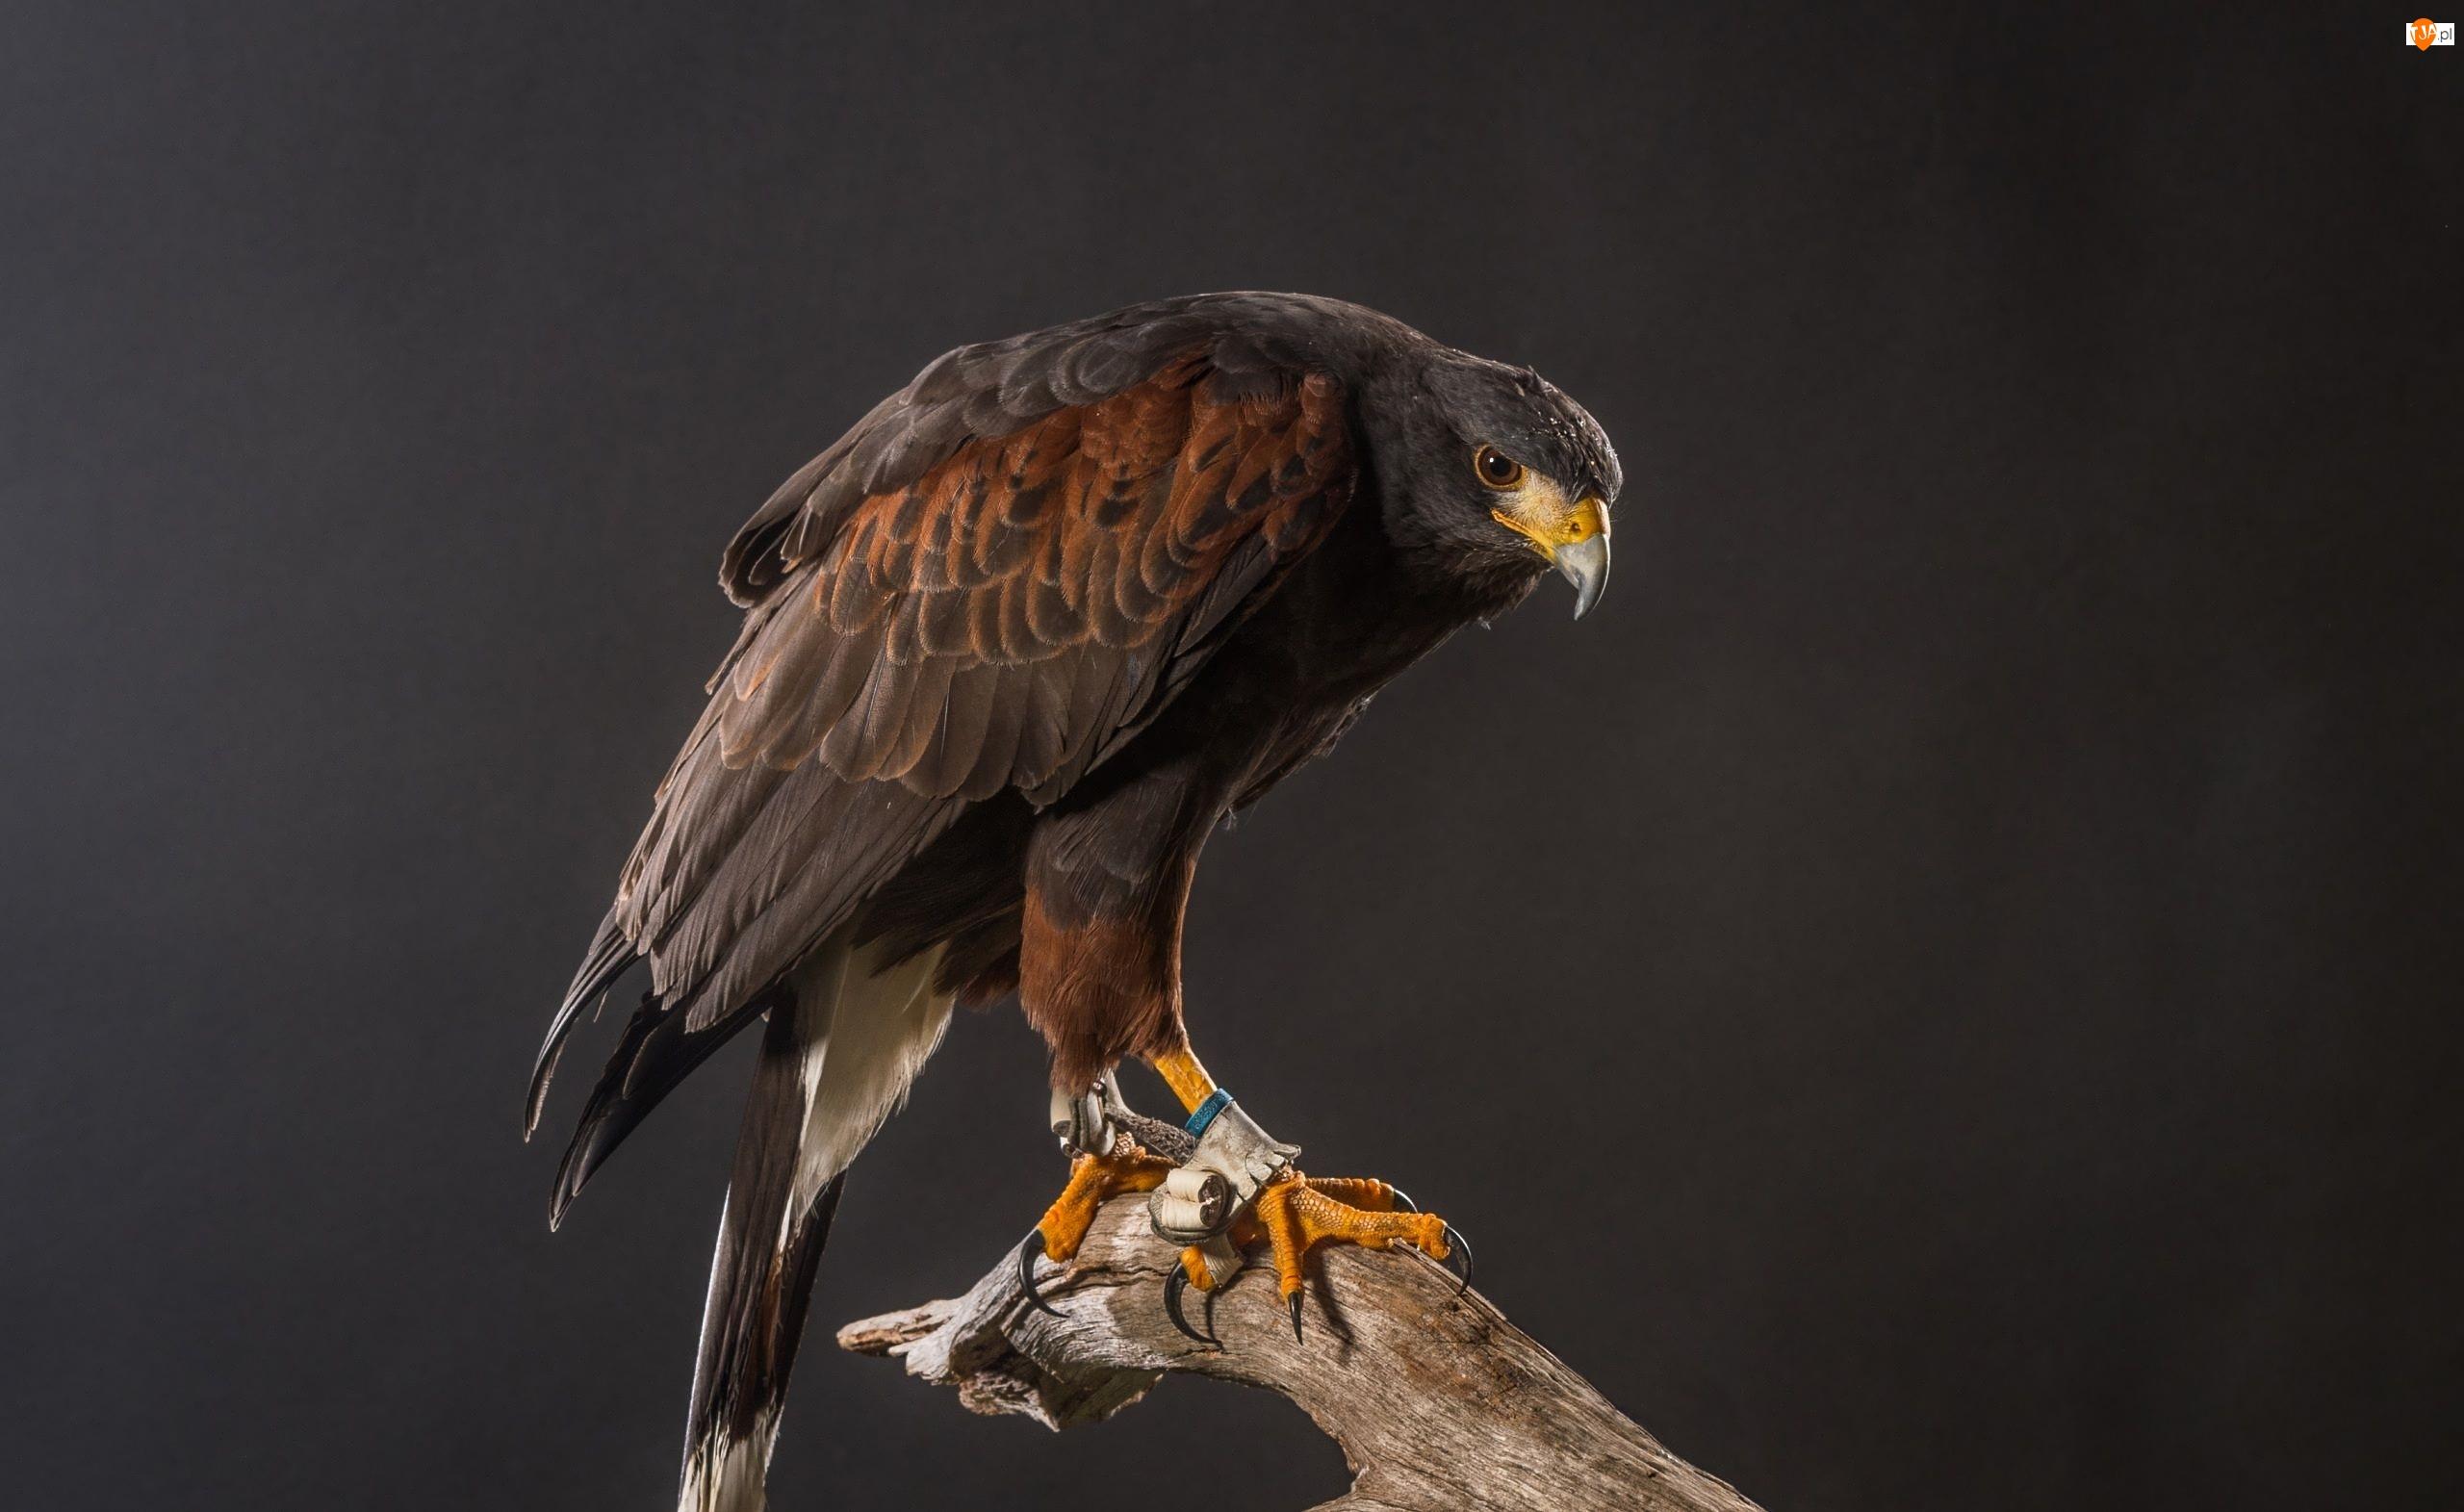 Myszołowiec rdzawoskrzydły, Potocznie - Jastrząb Harrisa